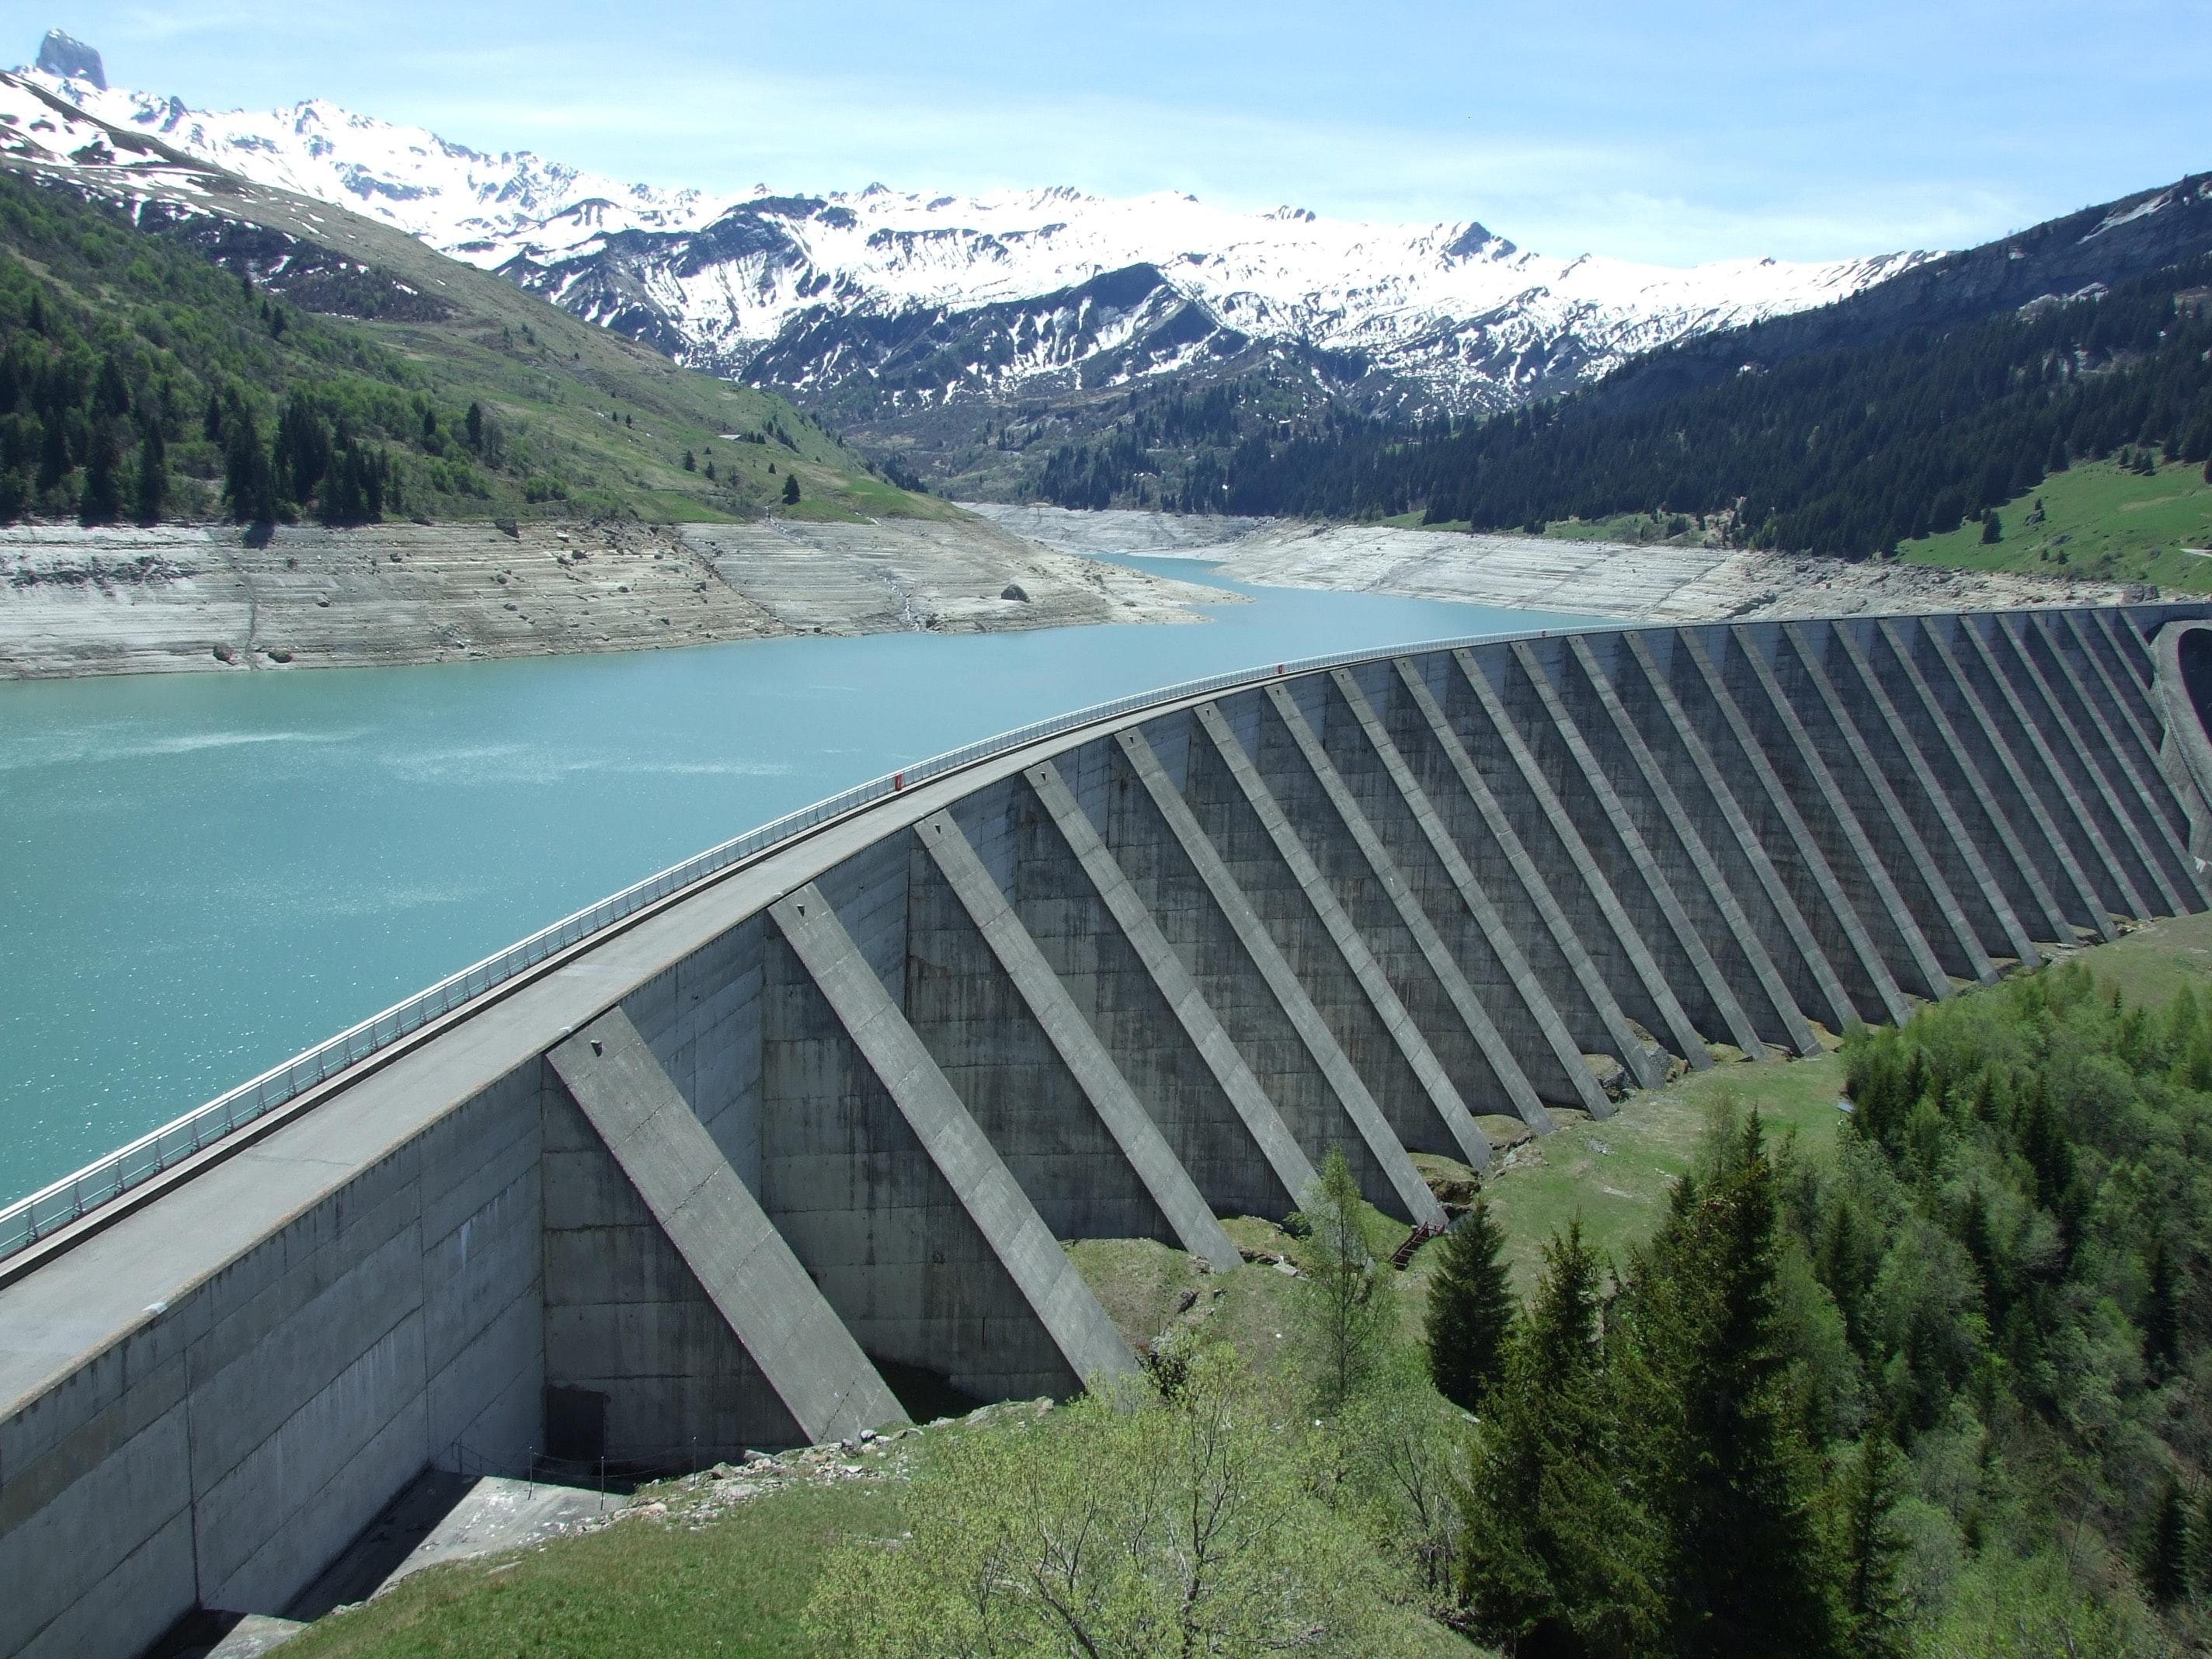 bridge-conifers-dam-574024